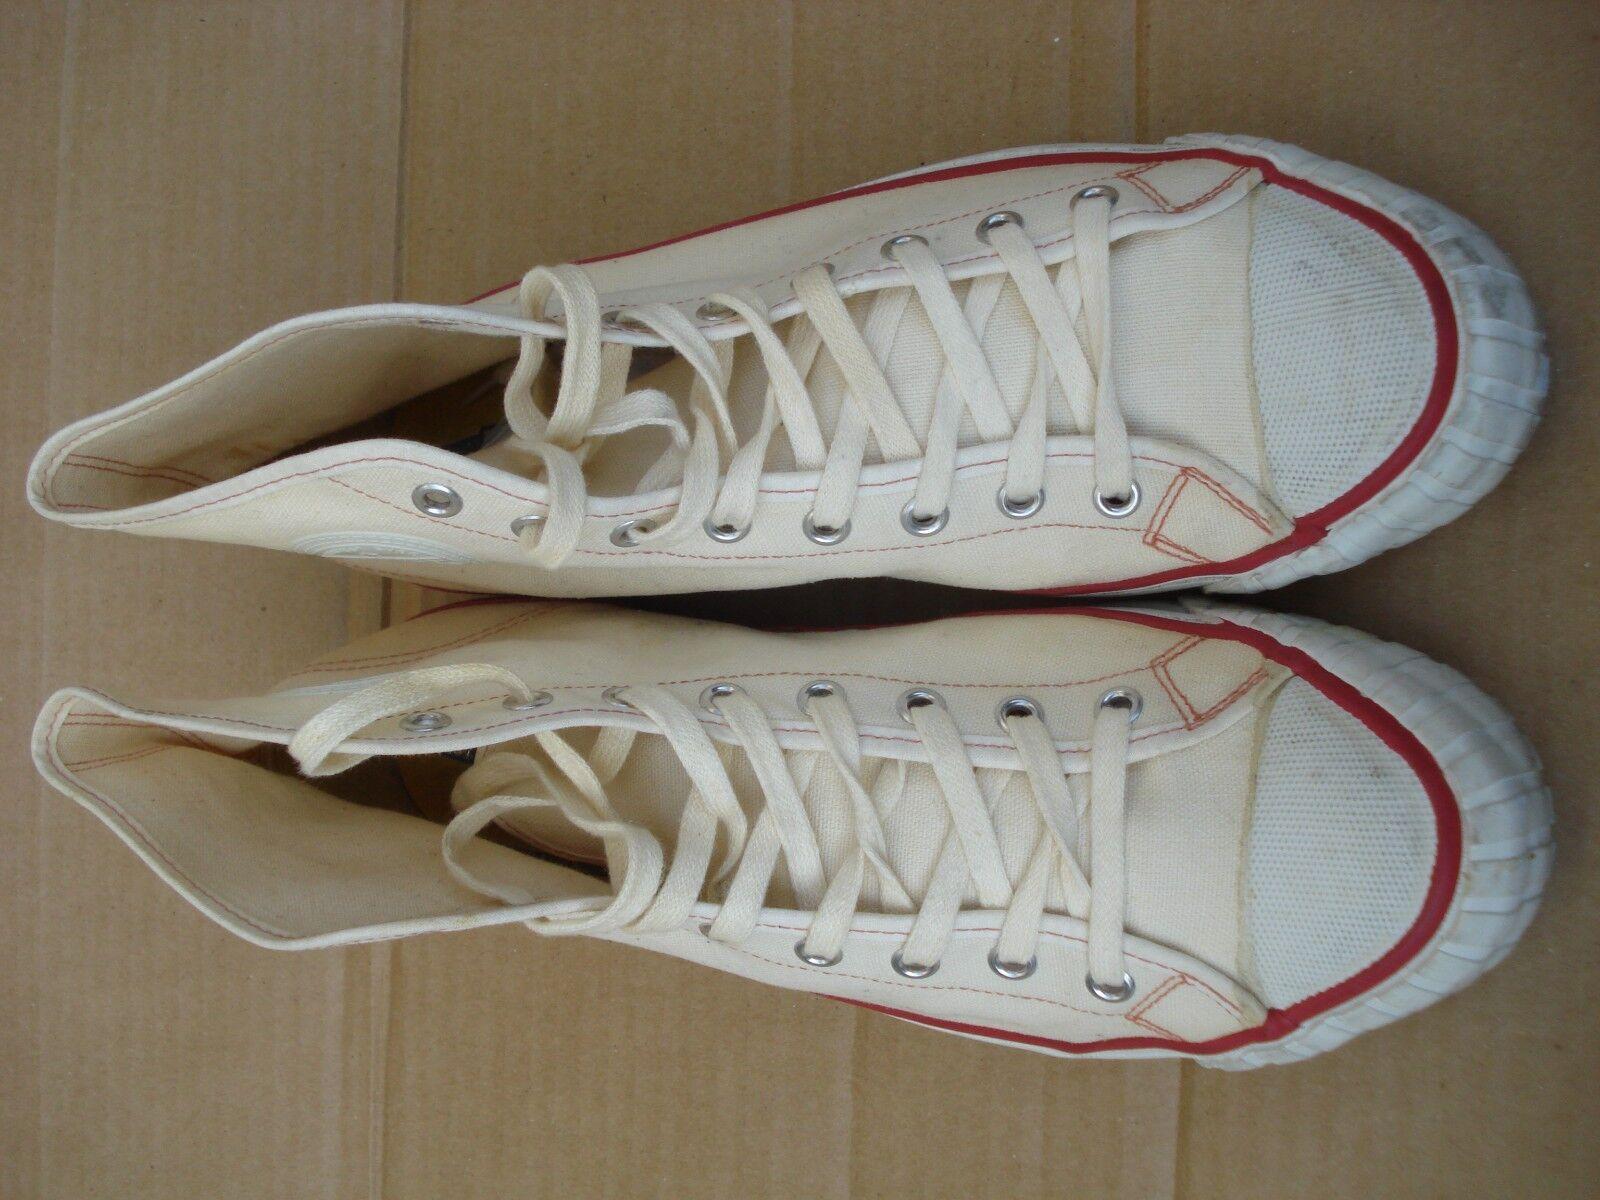 Vtg Bata scarpe Mens Dimensione 9.5 Off bianca Hi Made In U.S.A.